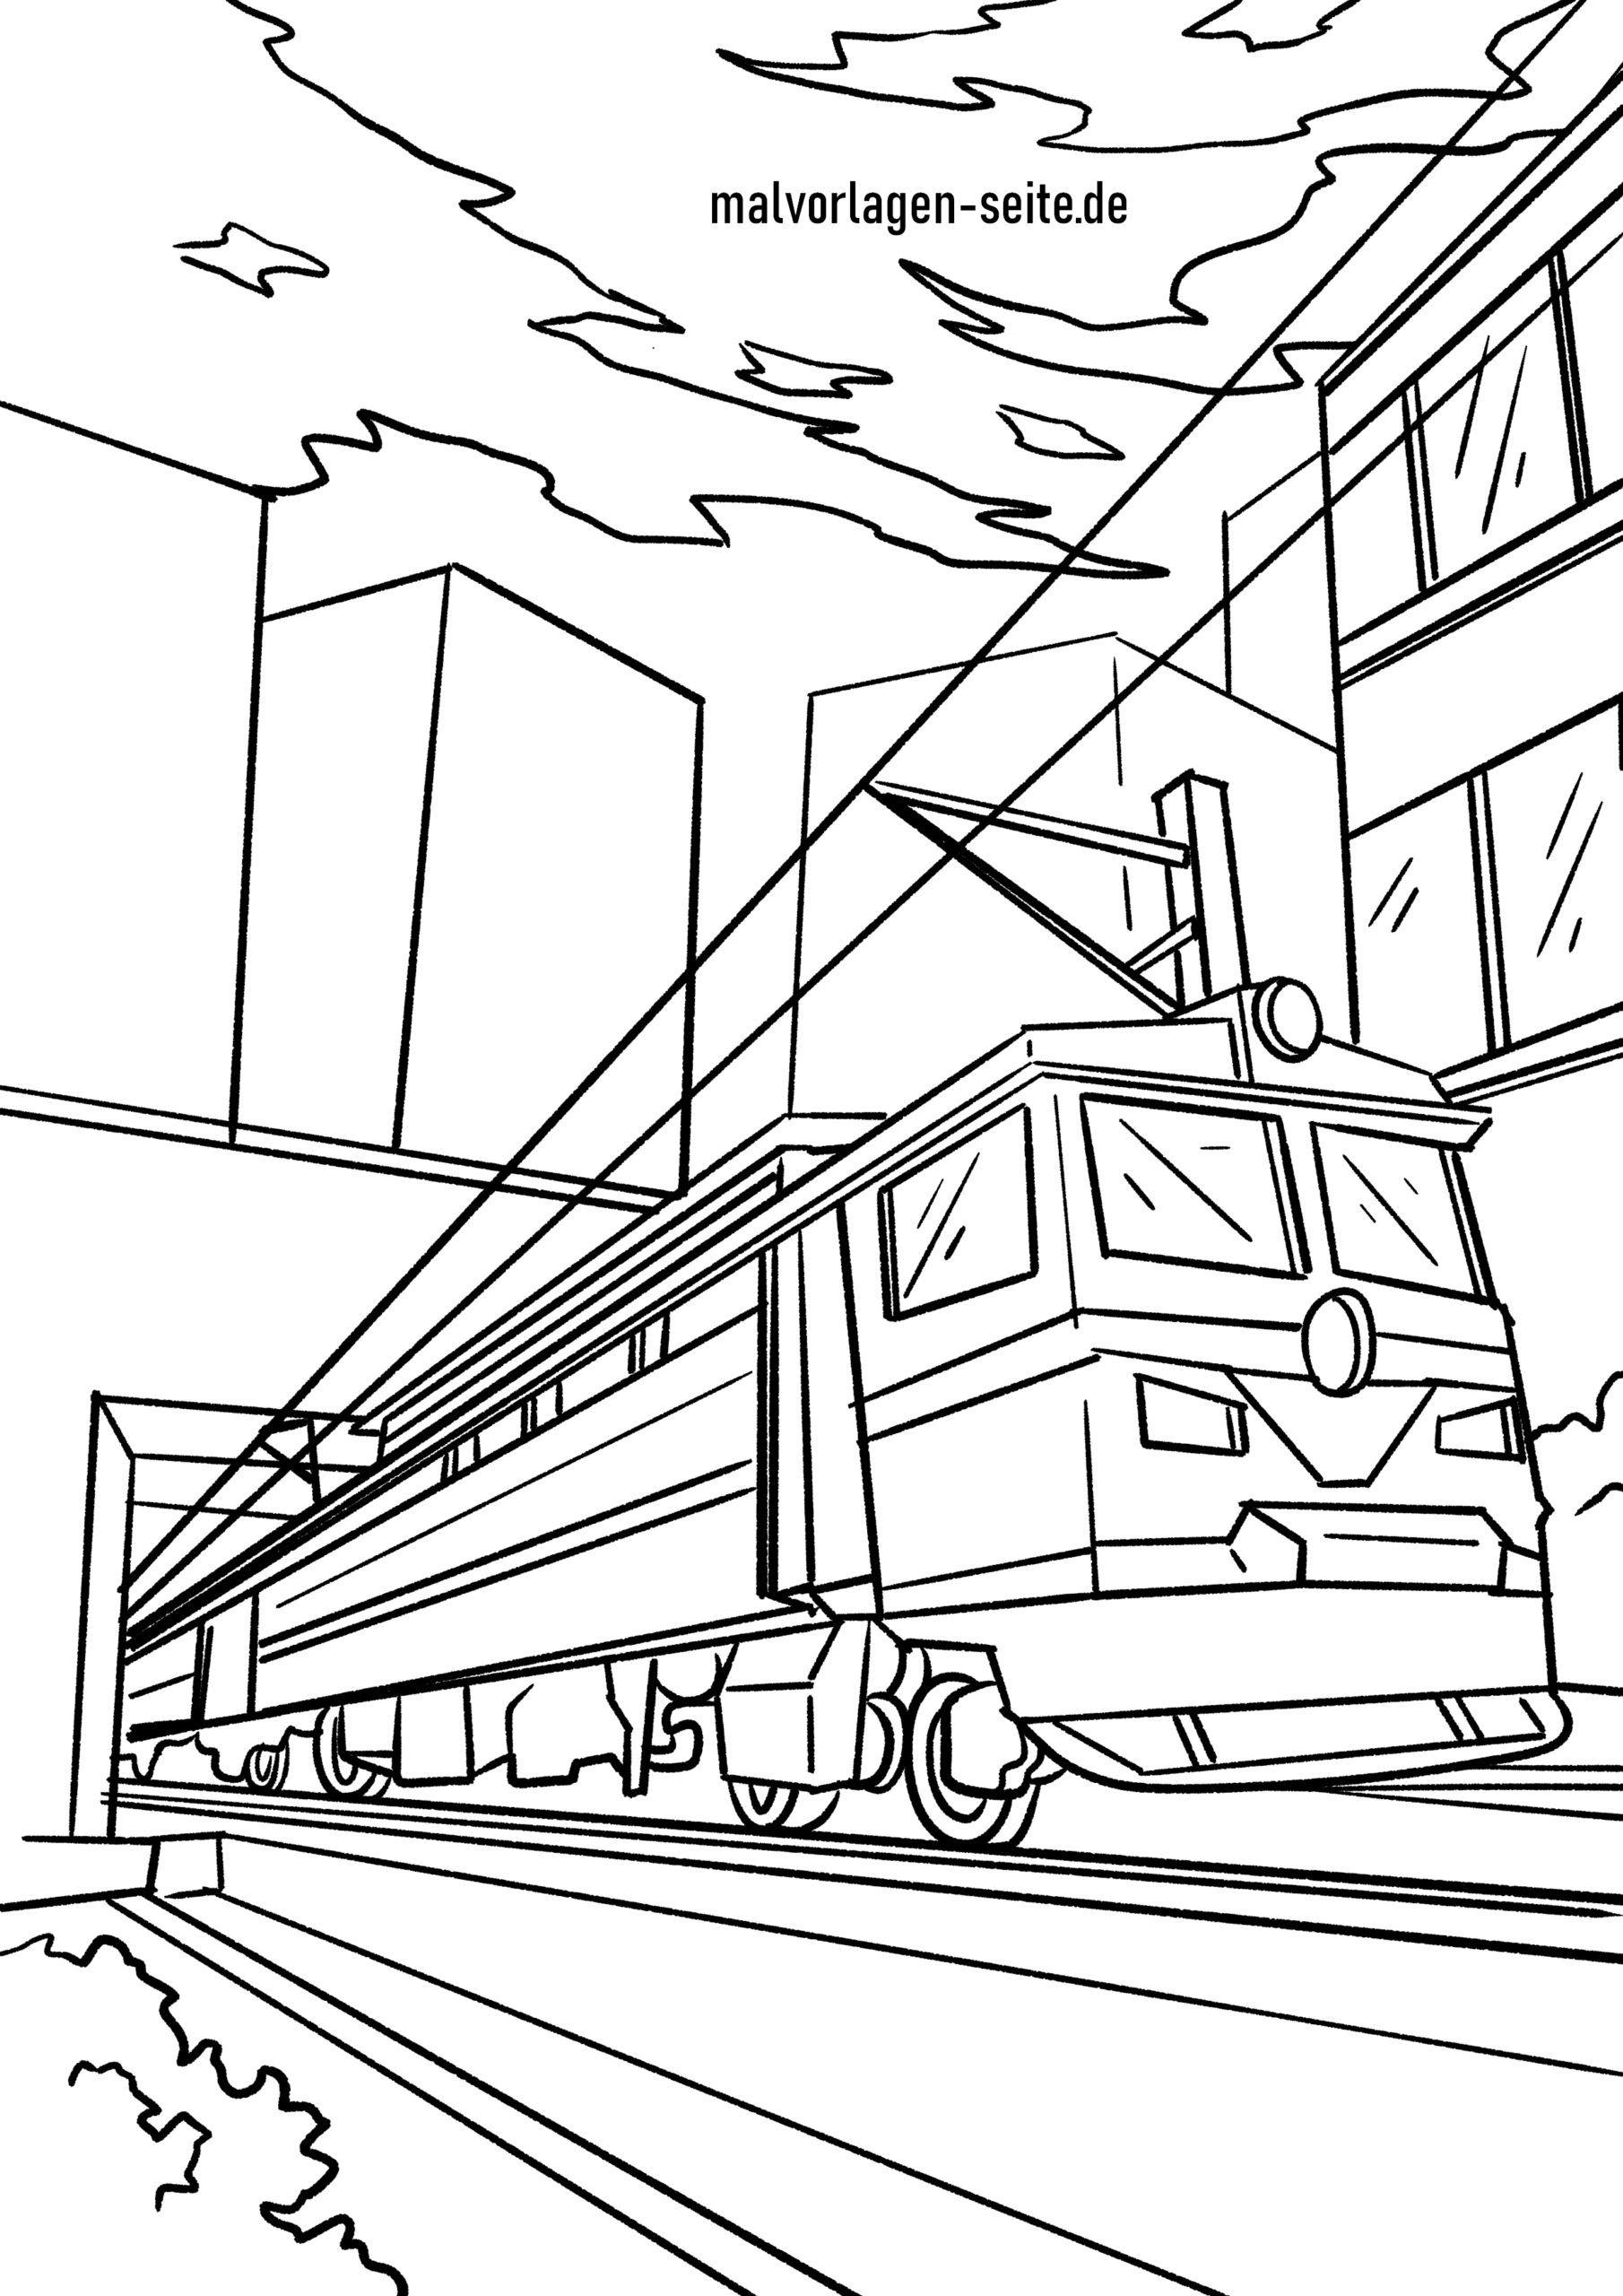 Malvorlage Eisenbahn - Ausmalbilder Kostenlos Herunterladen mit Ausmalbild Zug